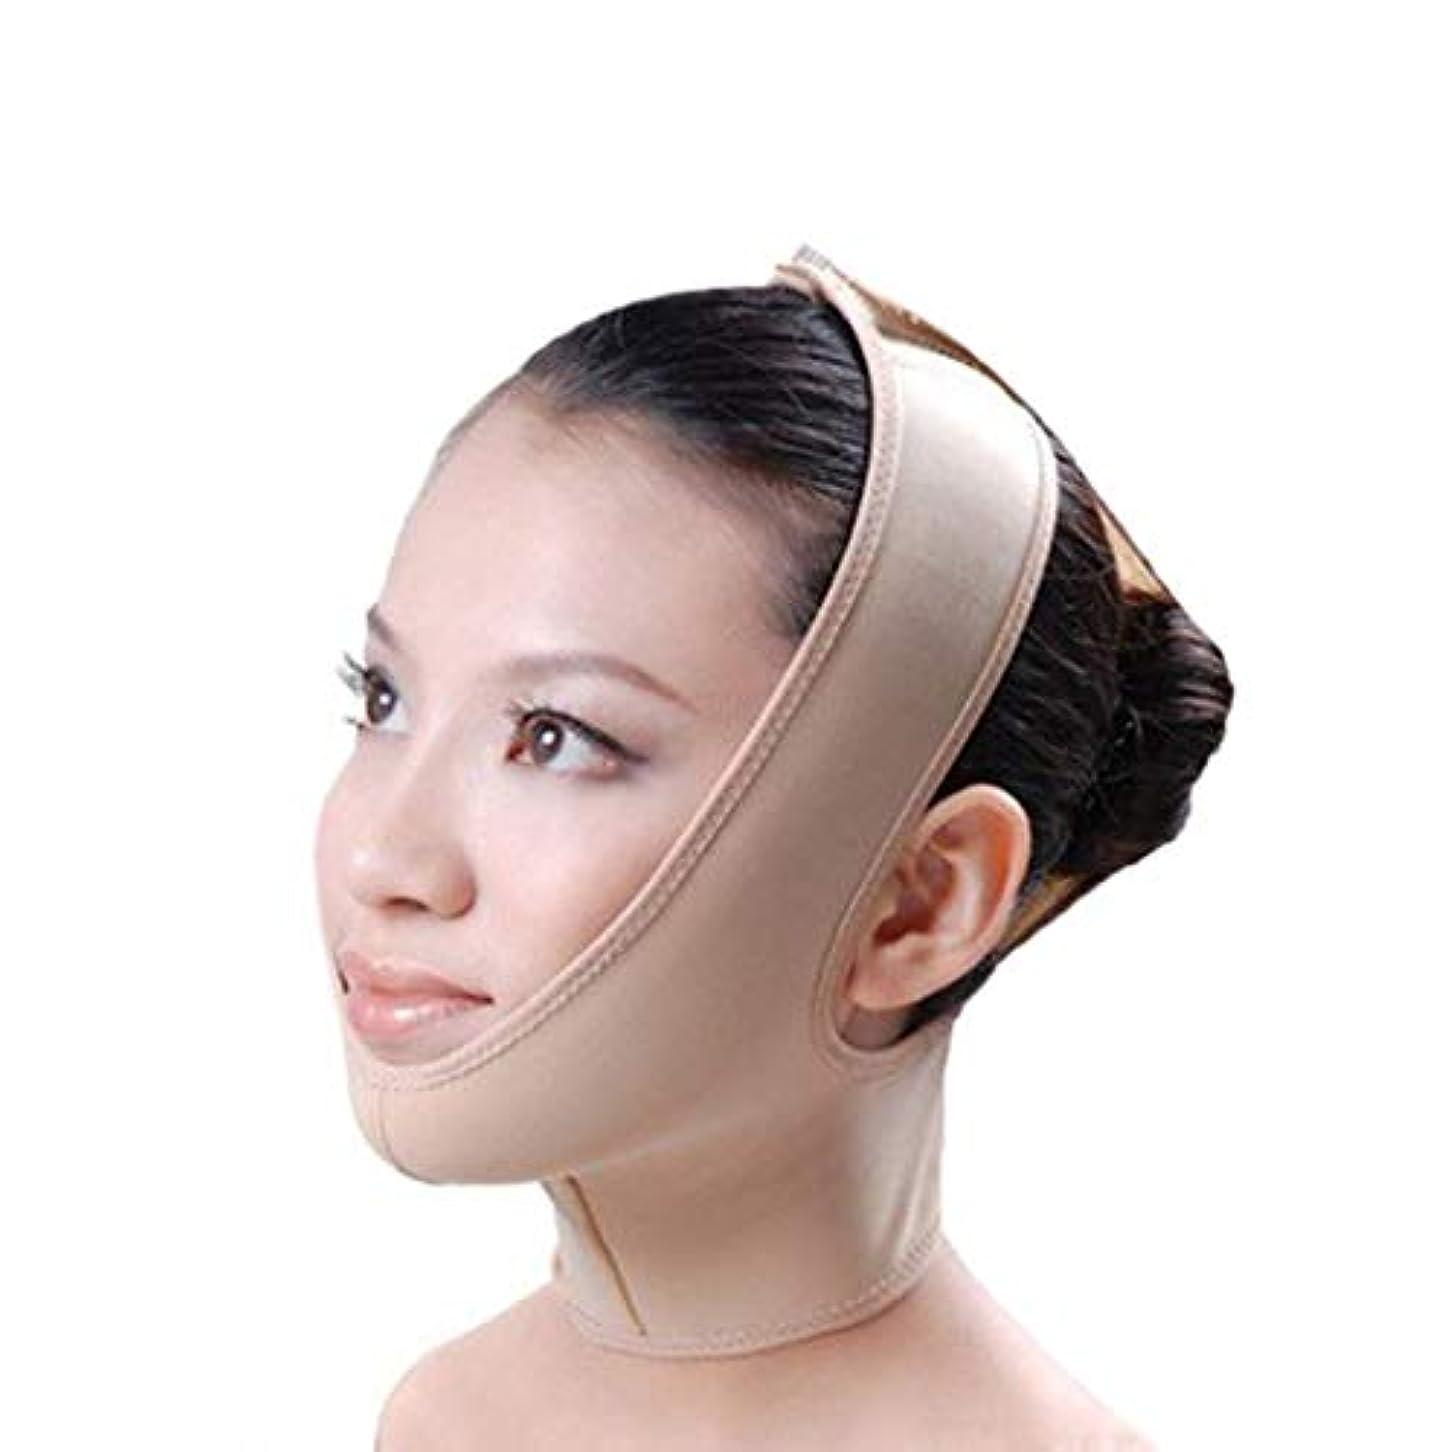 白菜ごみ修正フェイススリム、リフティングマスク、包帯リフト、二重あご、引き締めフェイシャルリフト、フェイシャル減量マスク、リフティングスキン包帯(サイズ:XL),S